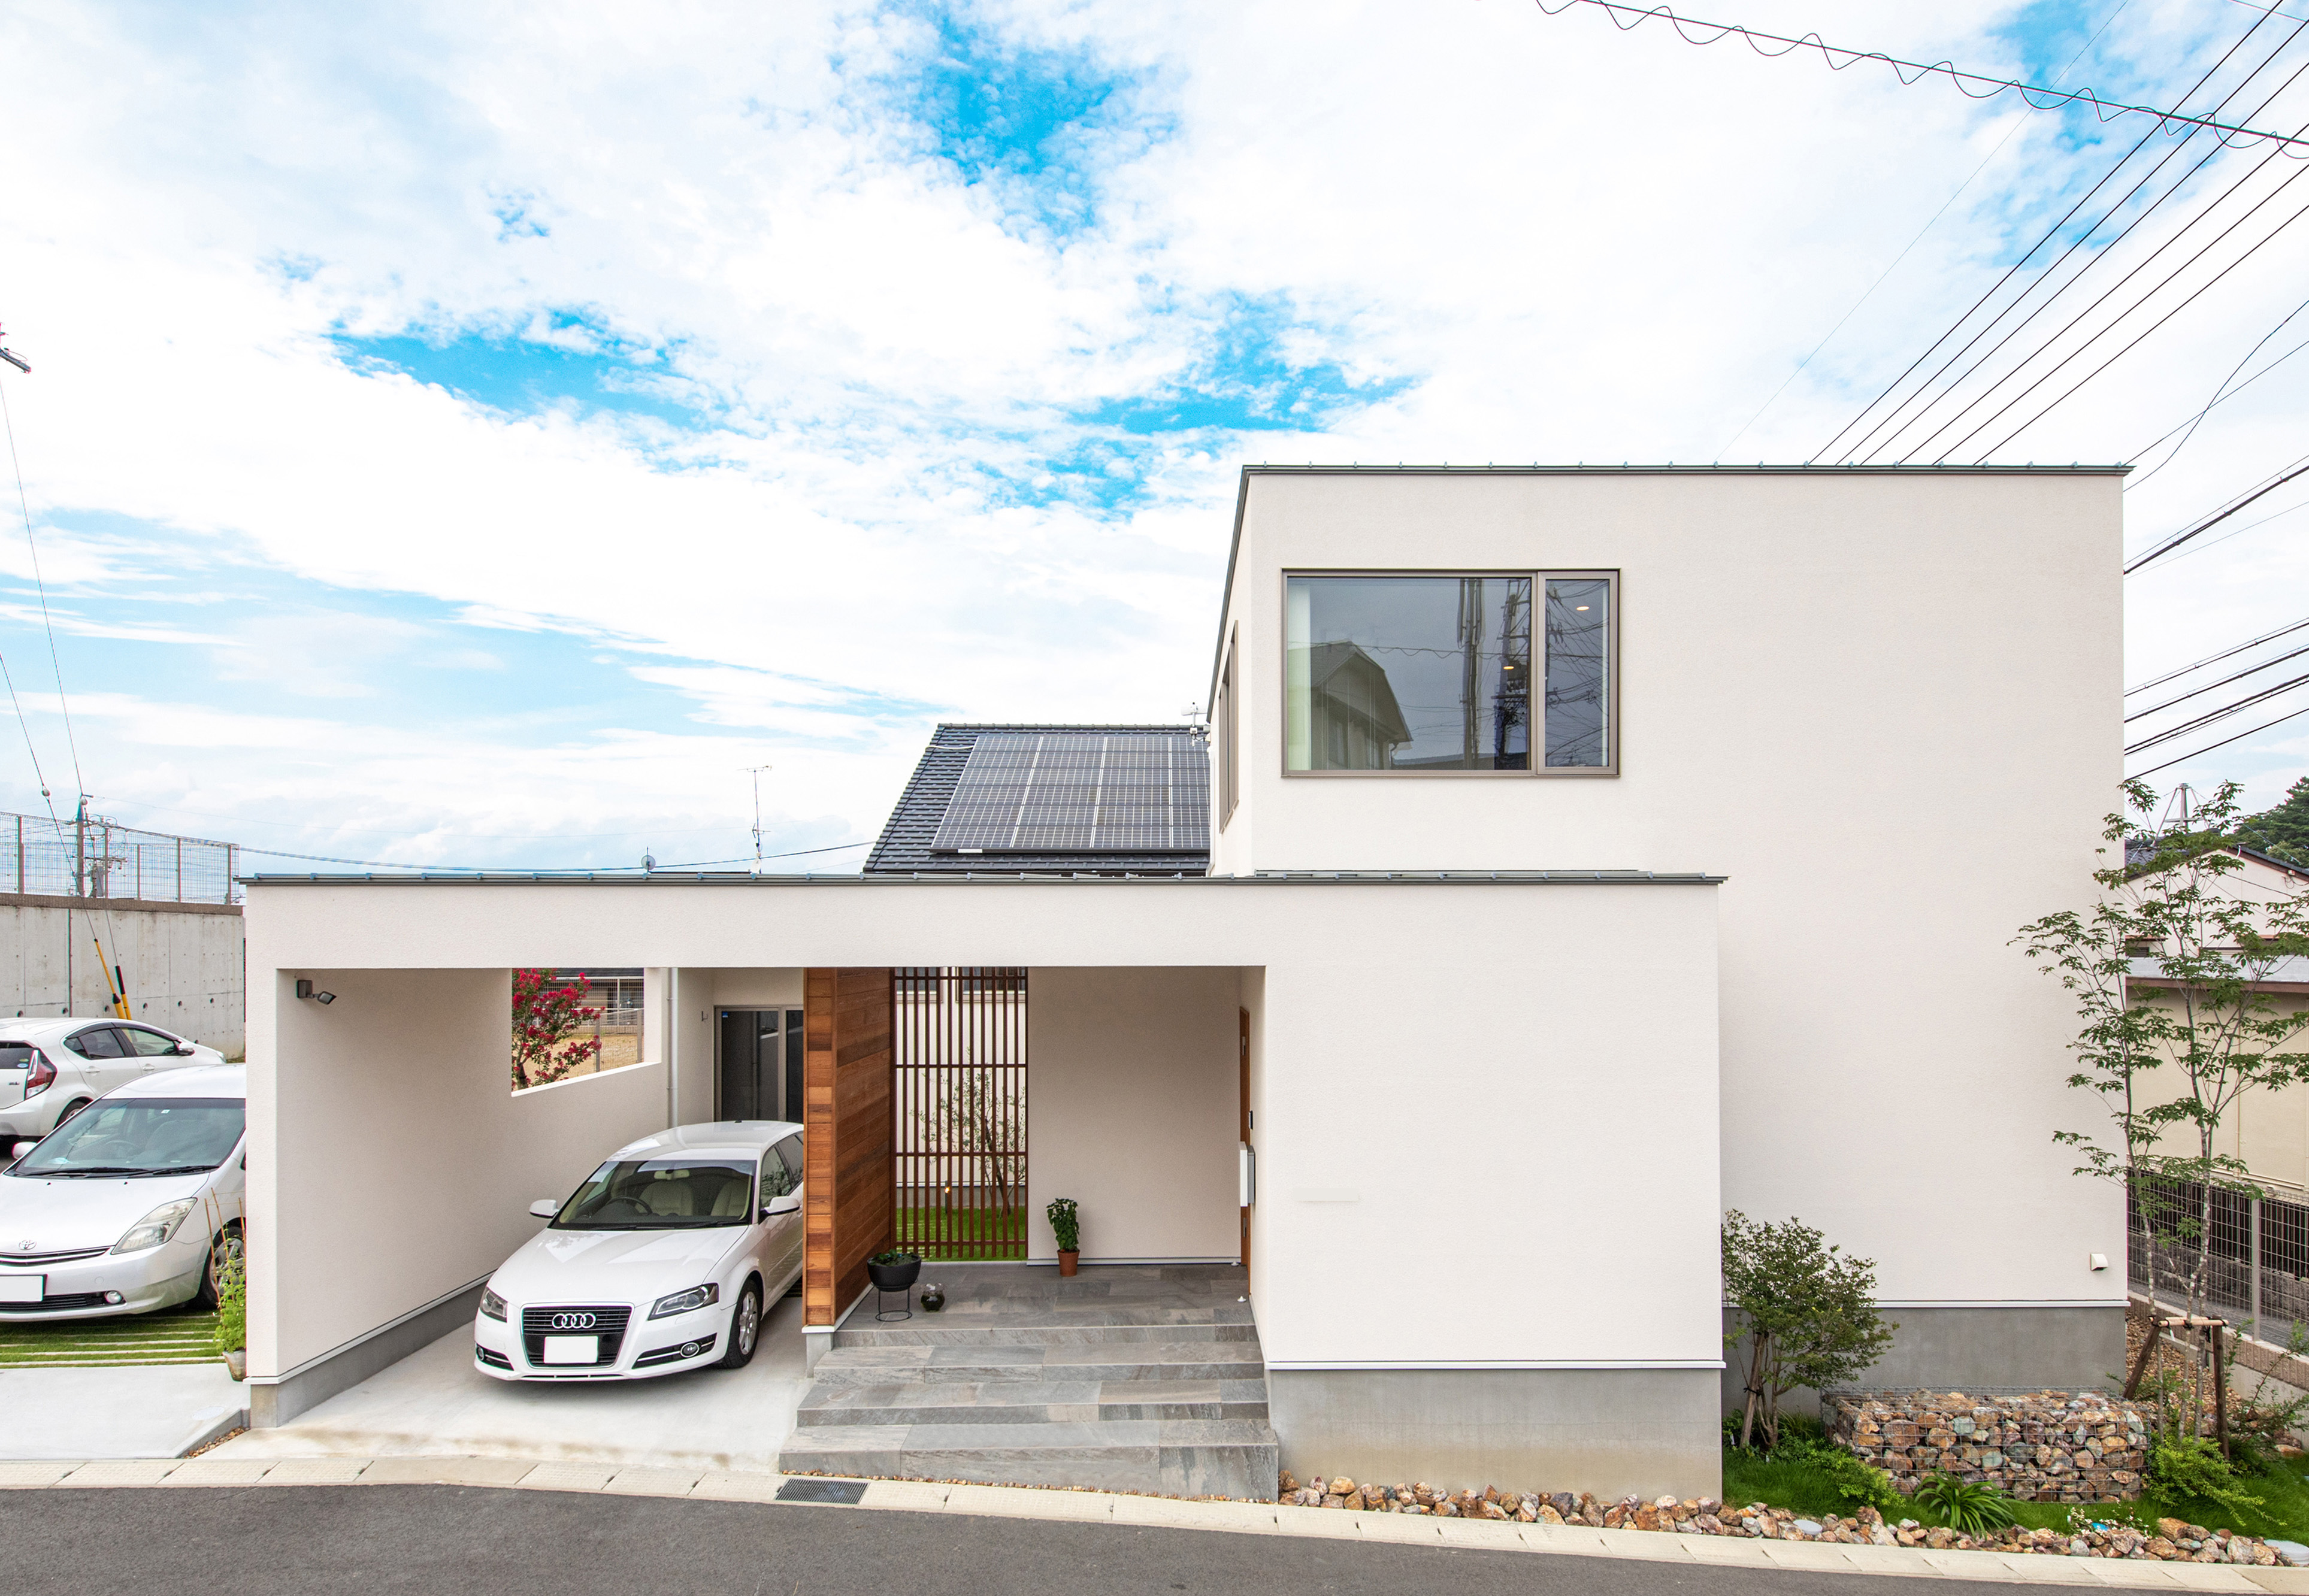 R+house藤枝(西遠建設)【趣味、建築家、インテリア】外観は、ガレージから中庭を囲む壁まで建物と一体化させたデザイン。均整の取れたフォルムがスタイリッシュで印象的